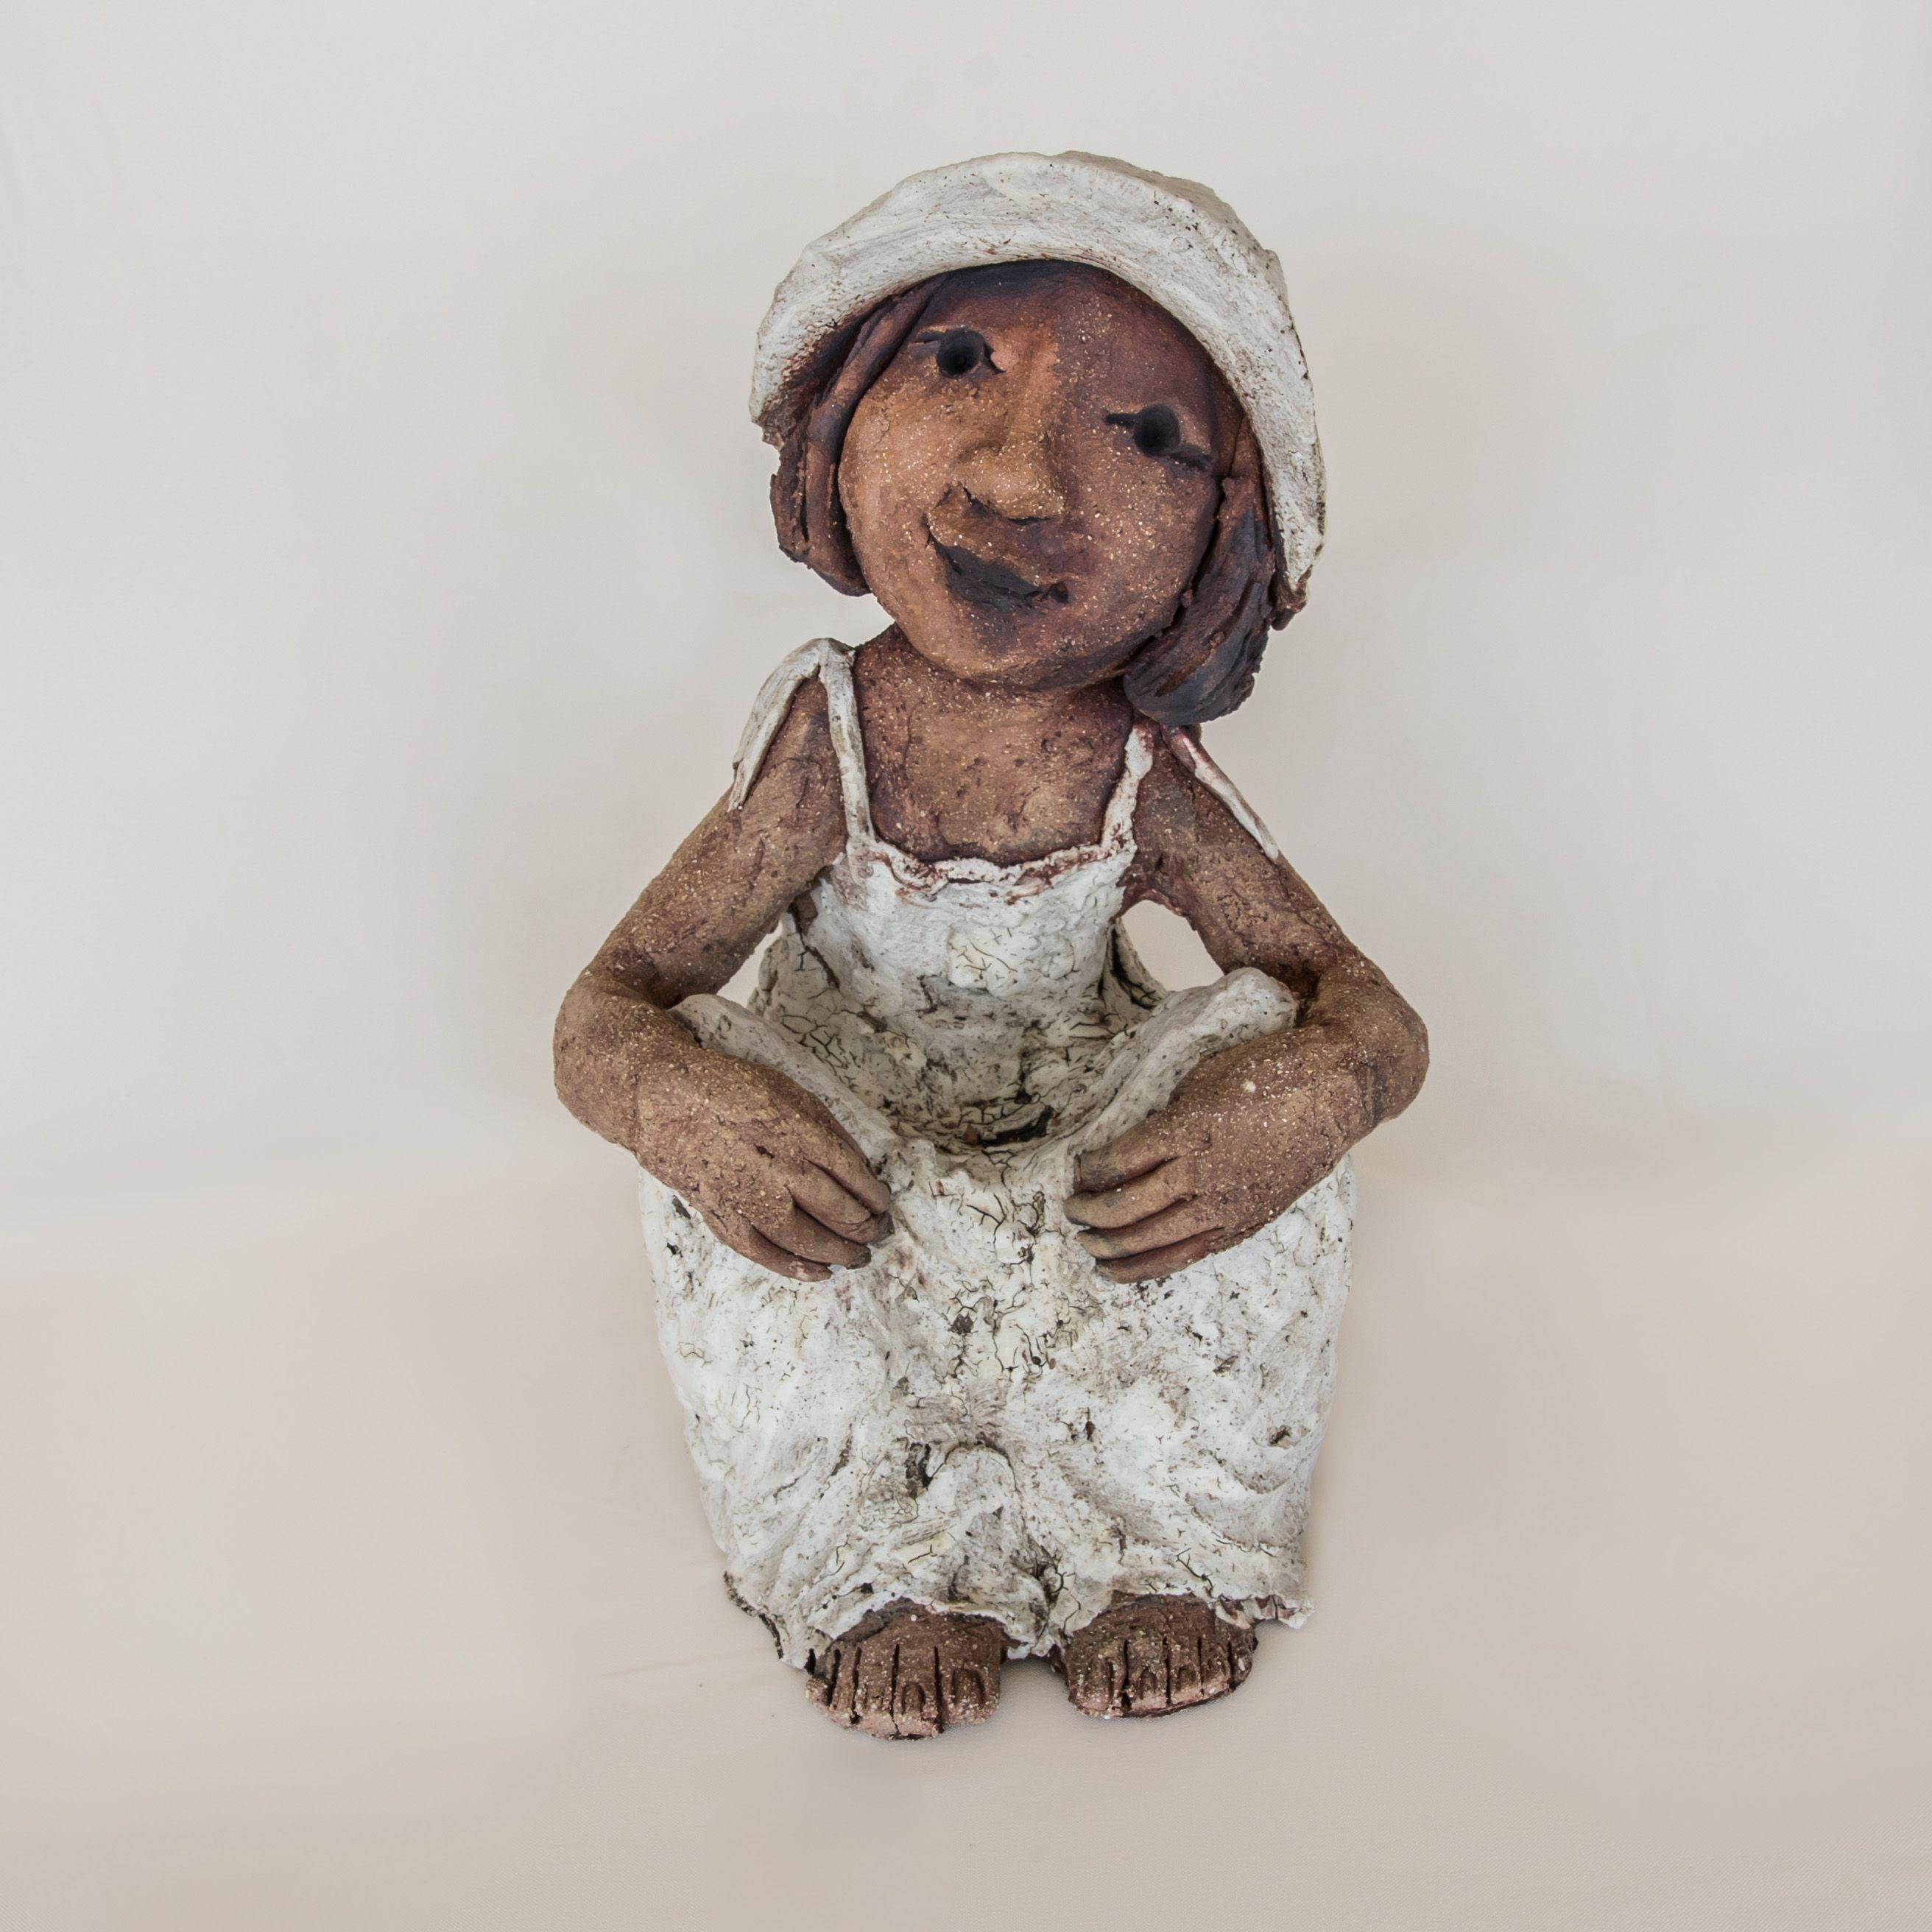 Escultura de ceràmica de Natàlia Ferré Fotografia feta per Ilde Cuesta